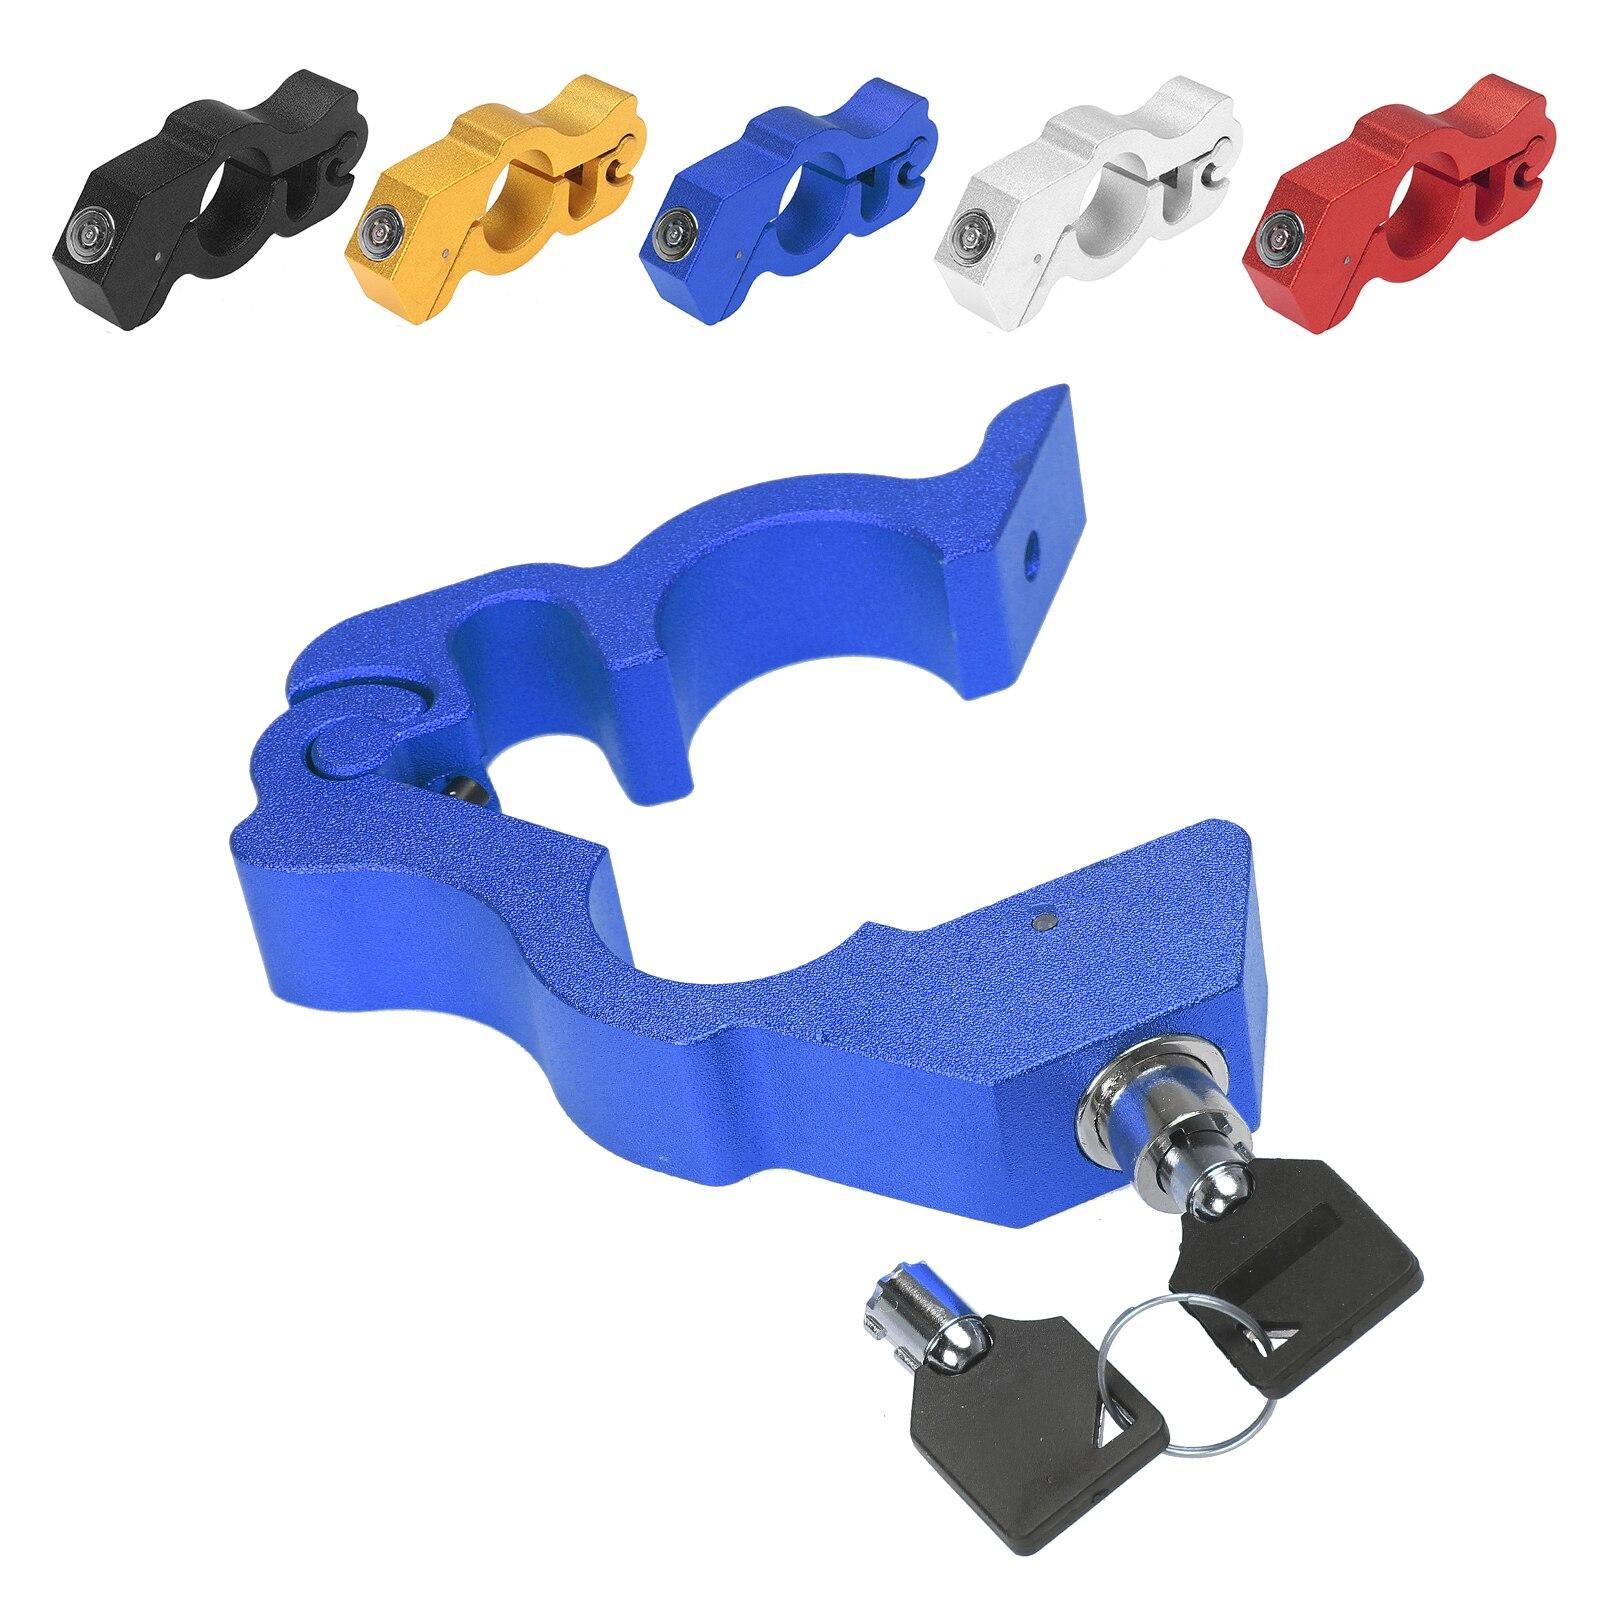 Тормозной рычаг, замок на руль, зажим, противоугонные защитные колпачки-замок для большинства скутеров, квадроциклов, мотоциклов, алюминий